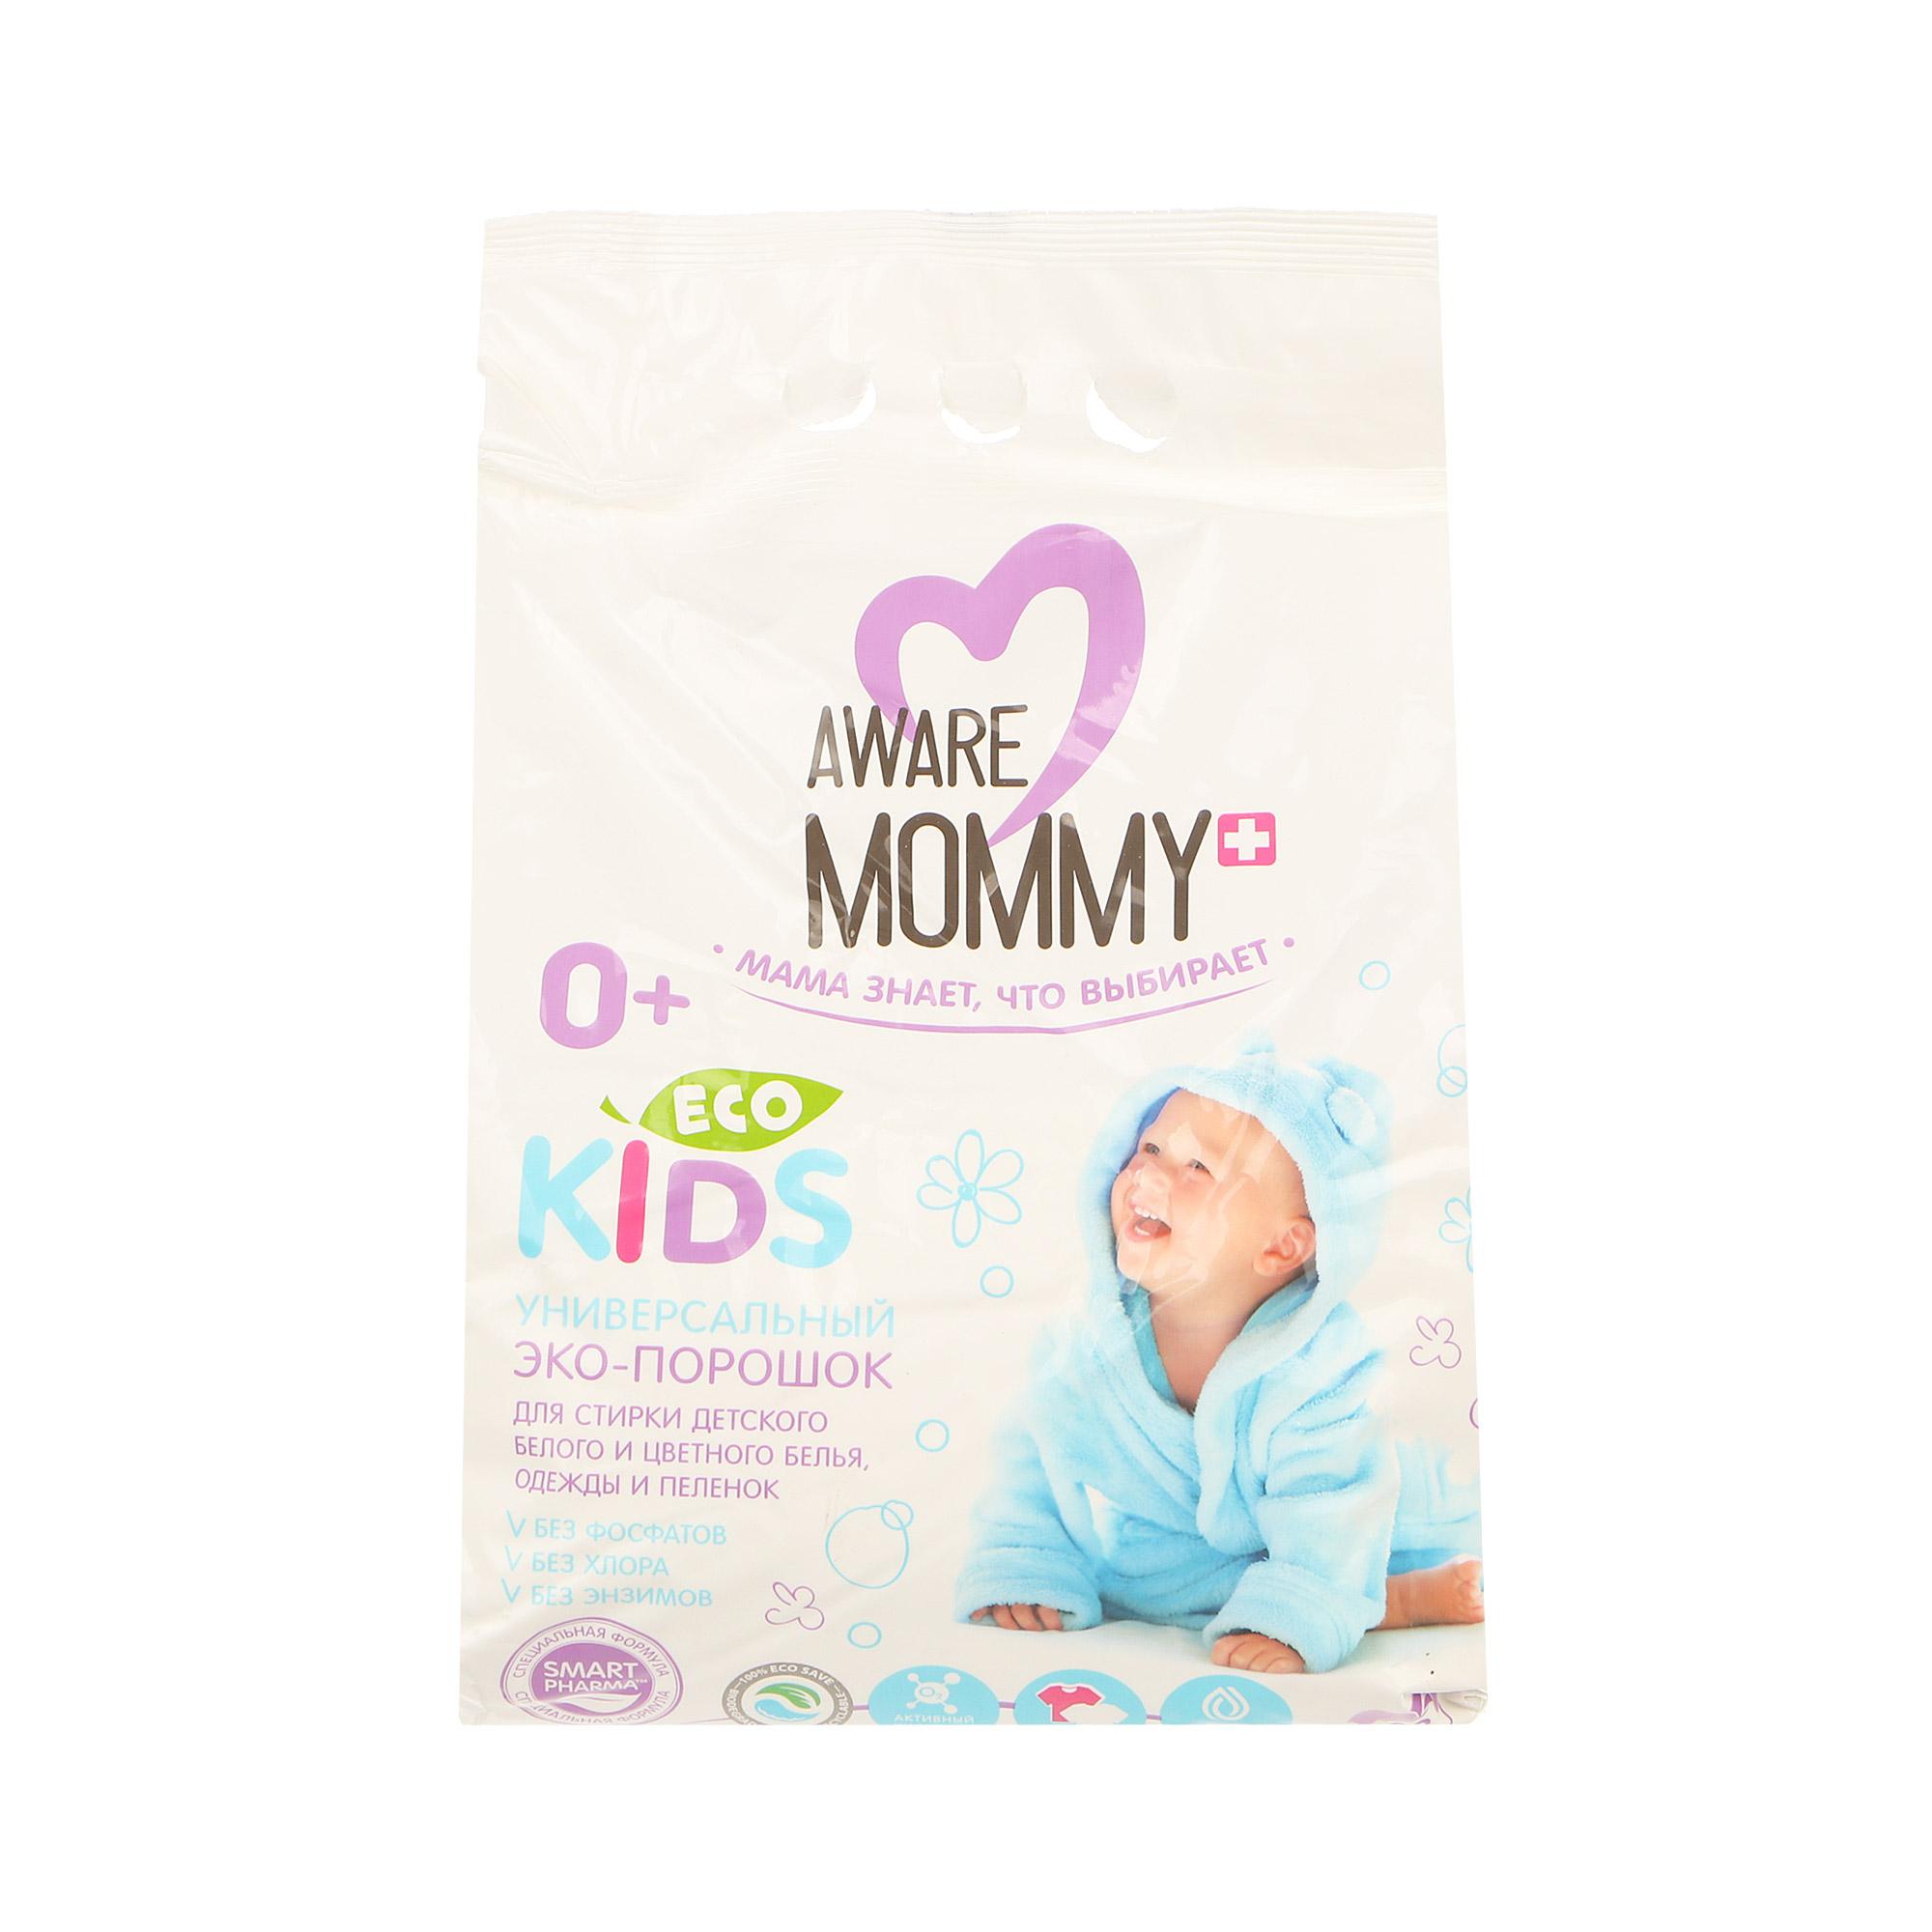 Порошок для стирки детского белья Aware mommy eco kids 3кг фото